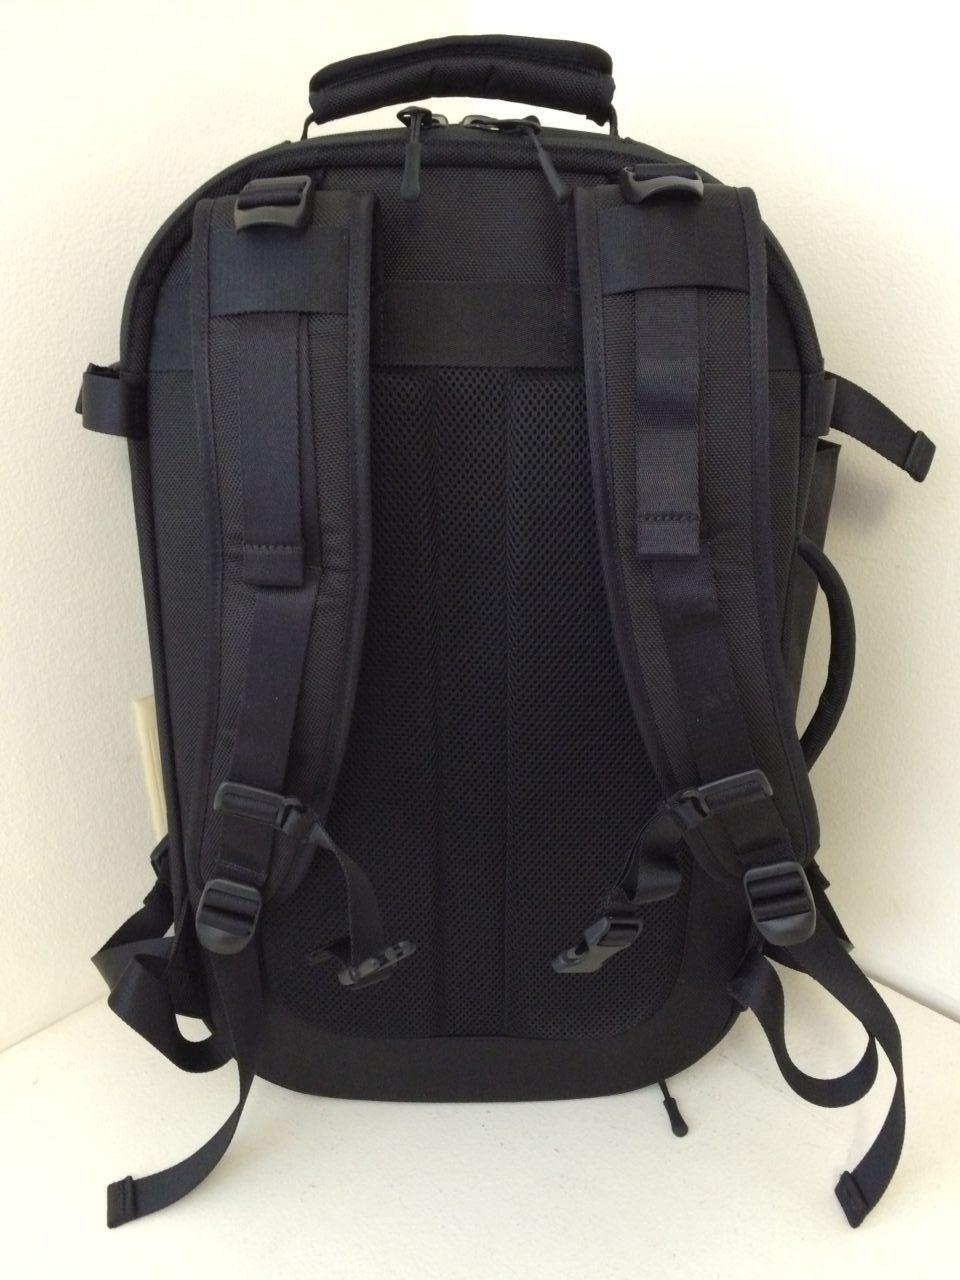 Aer Travel Pack shoulder straps